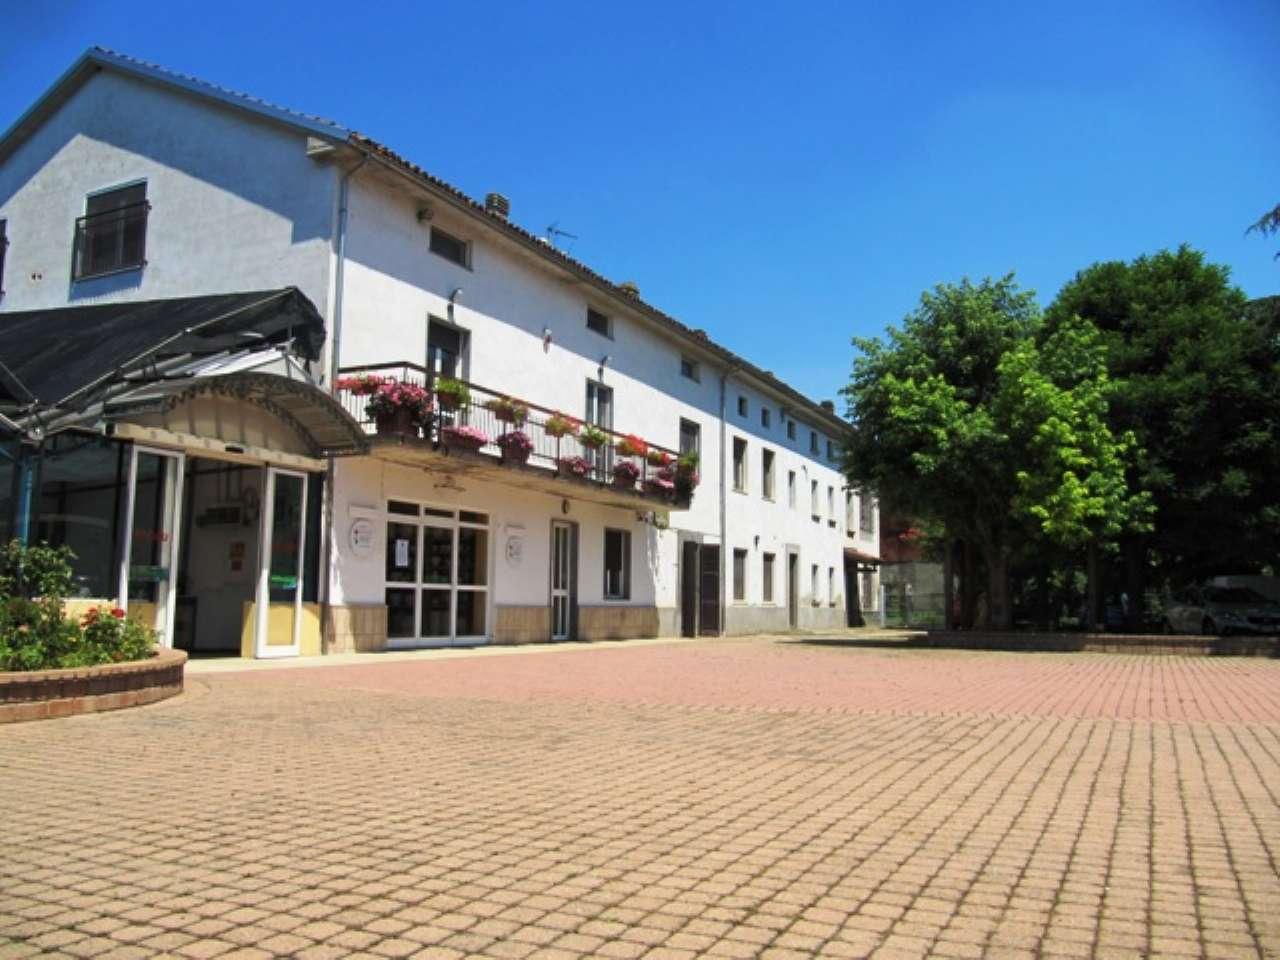 Soluzione Indipendente in vendita a Castellazzo Bormida, 20 locali, prezzo € 890.000 | CambioCasa.it